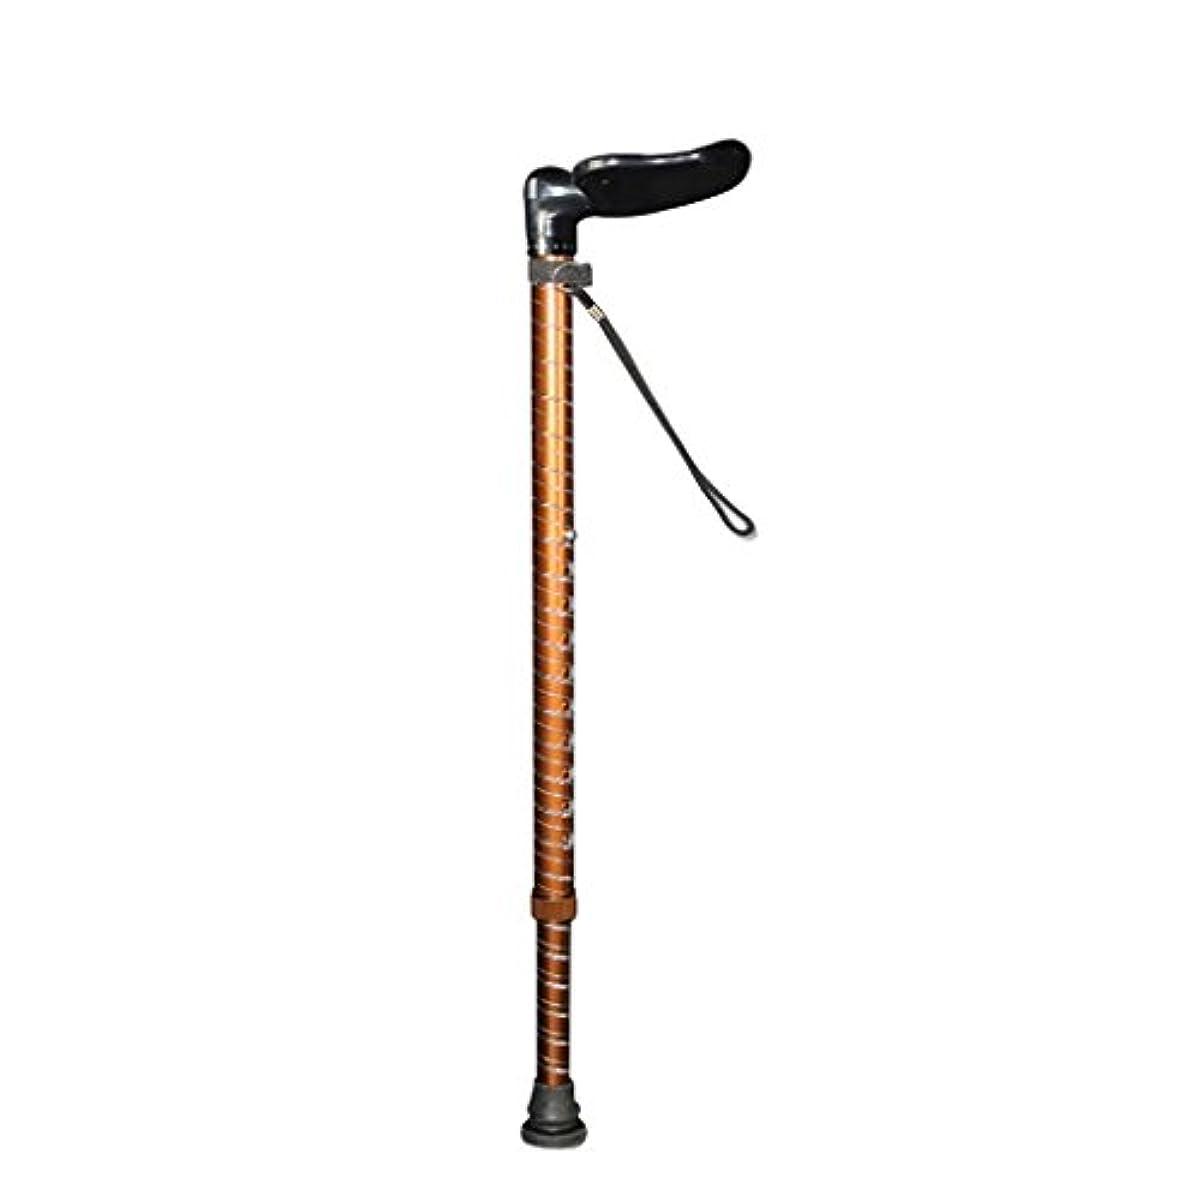 希少性ドキュメンタリー誤ってWENJUN 調整可能なリトラクタブルアンチショック耐久性のある高齢者専用松葉杖滑り止め肘掛け多機能援助アルミニウム合金を助ける歩行スティック